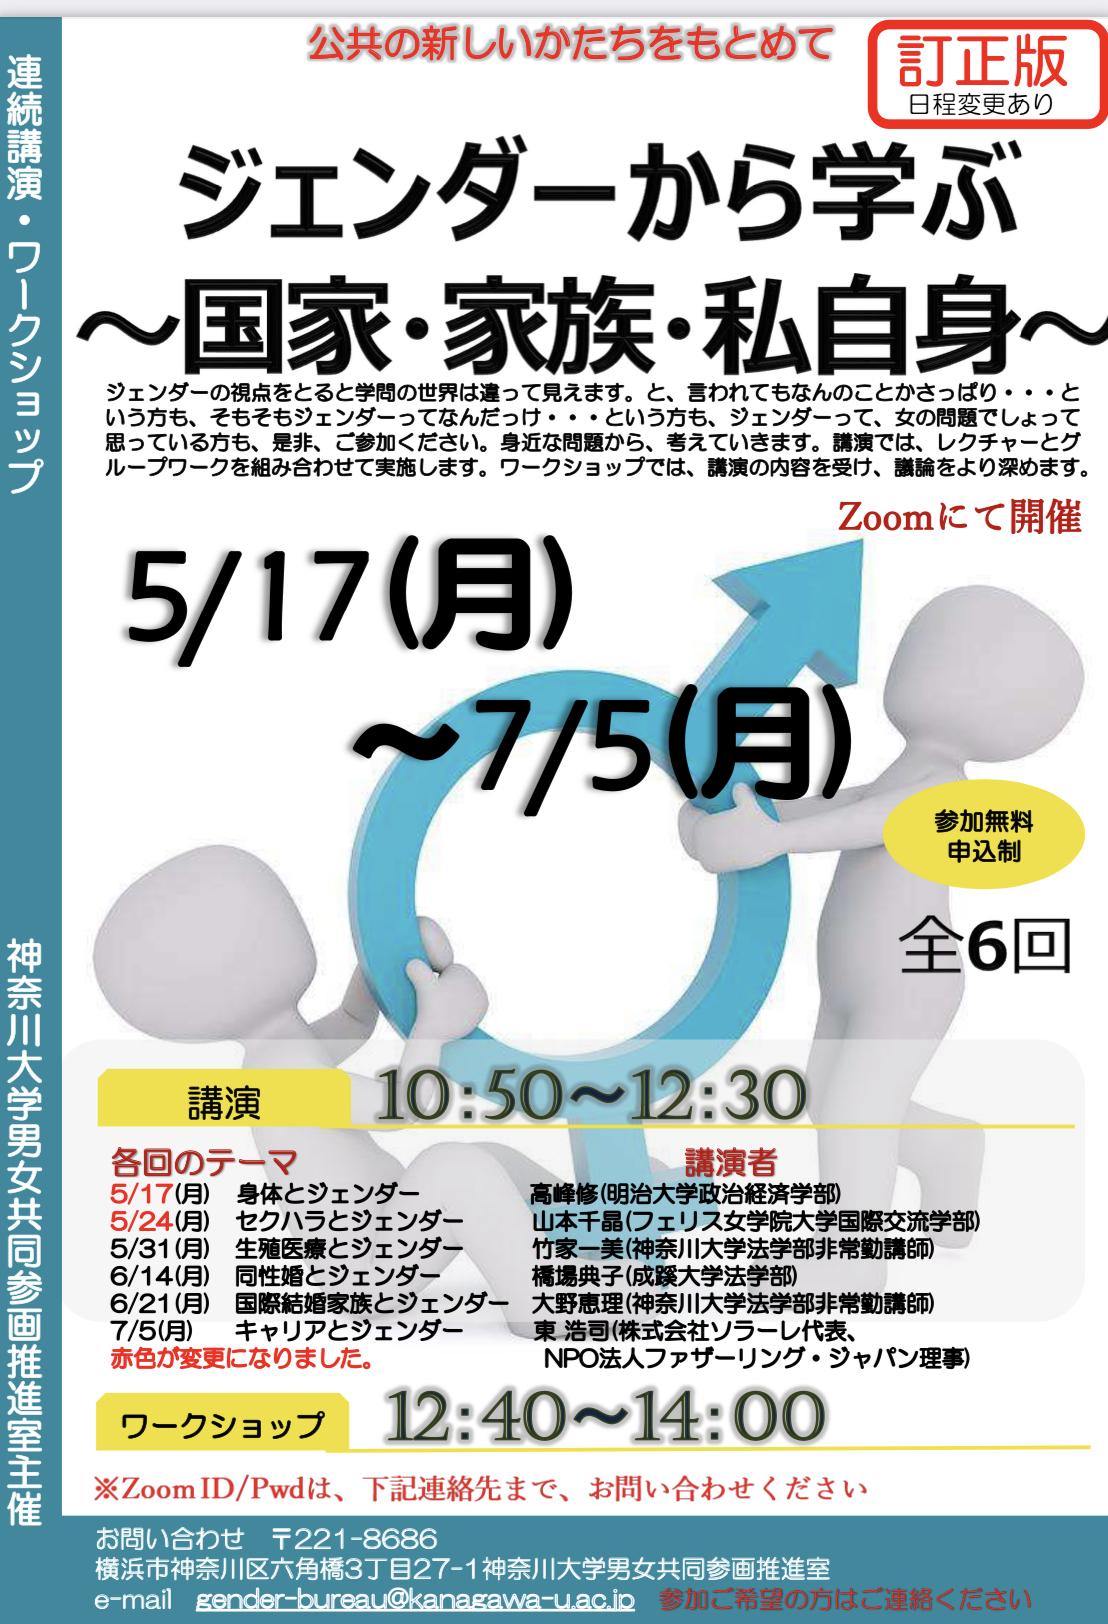 神奈川大学で今年もゲスト講義